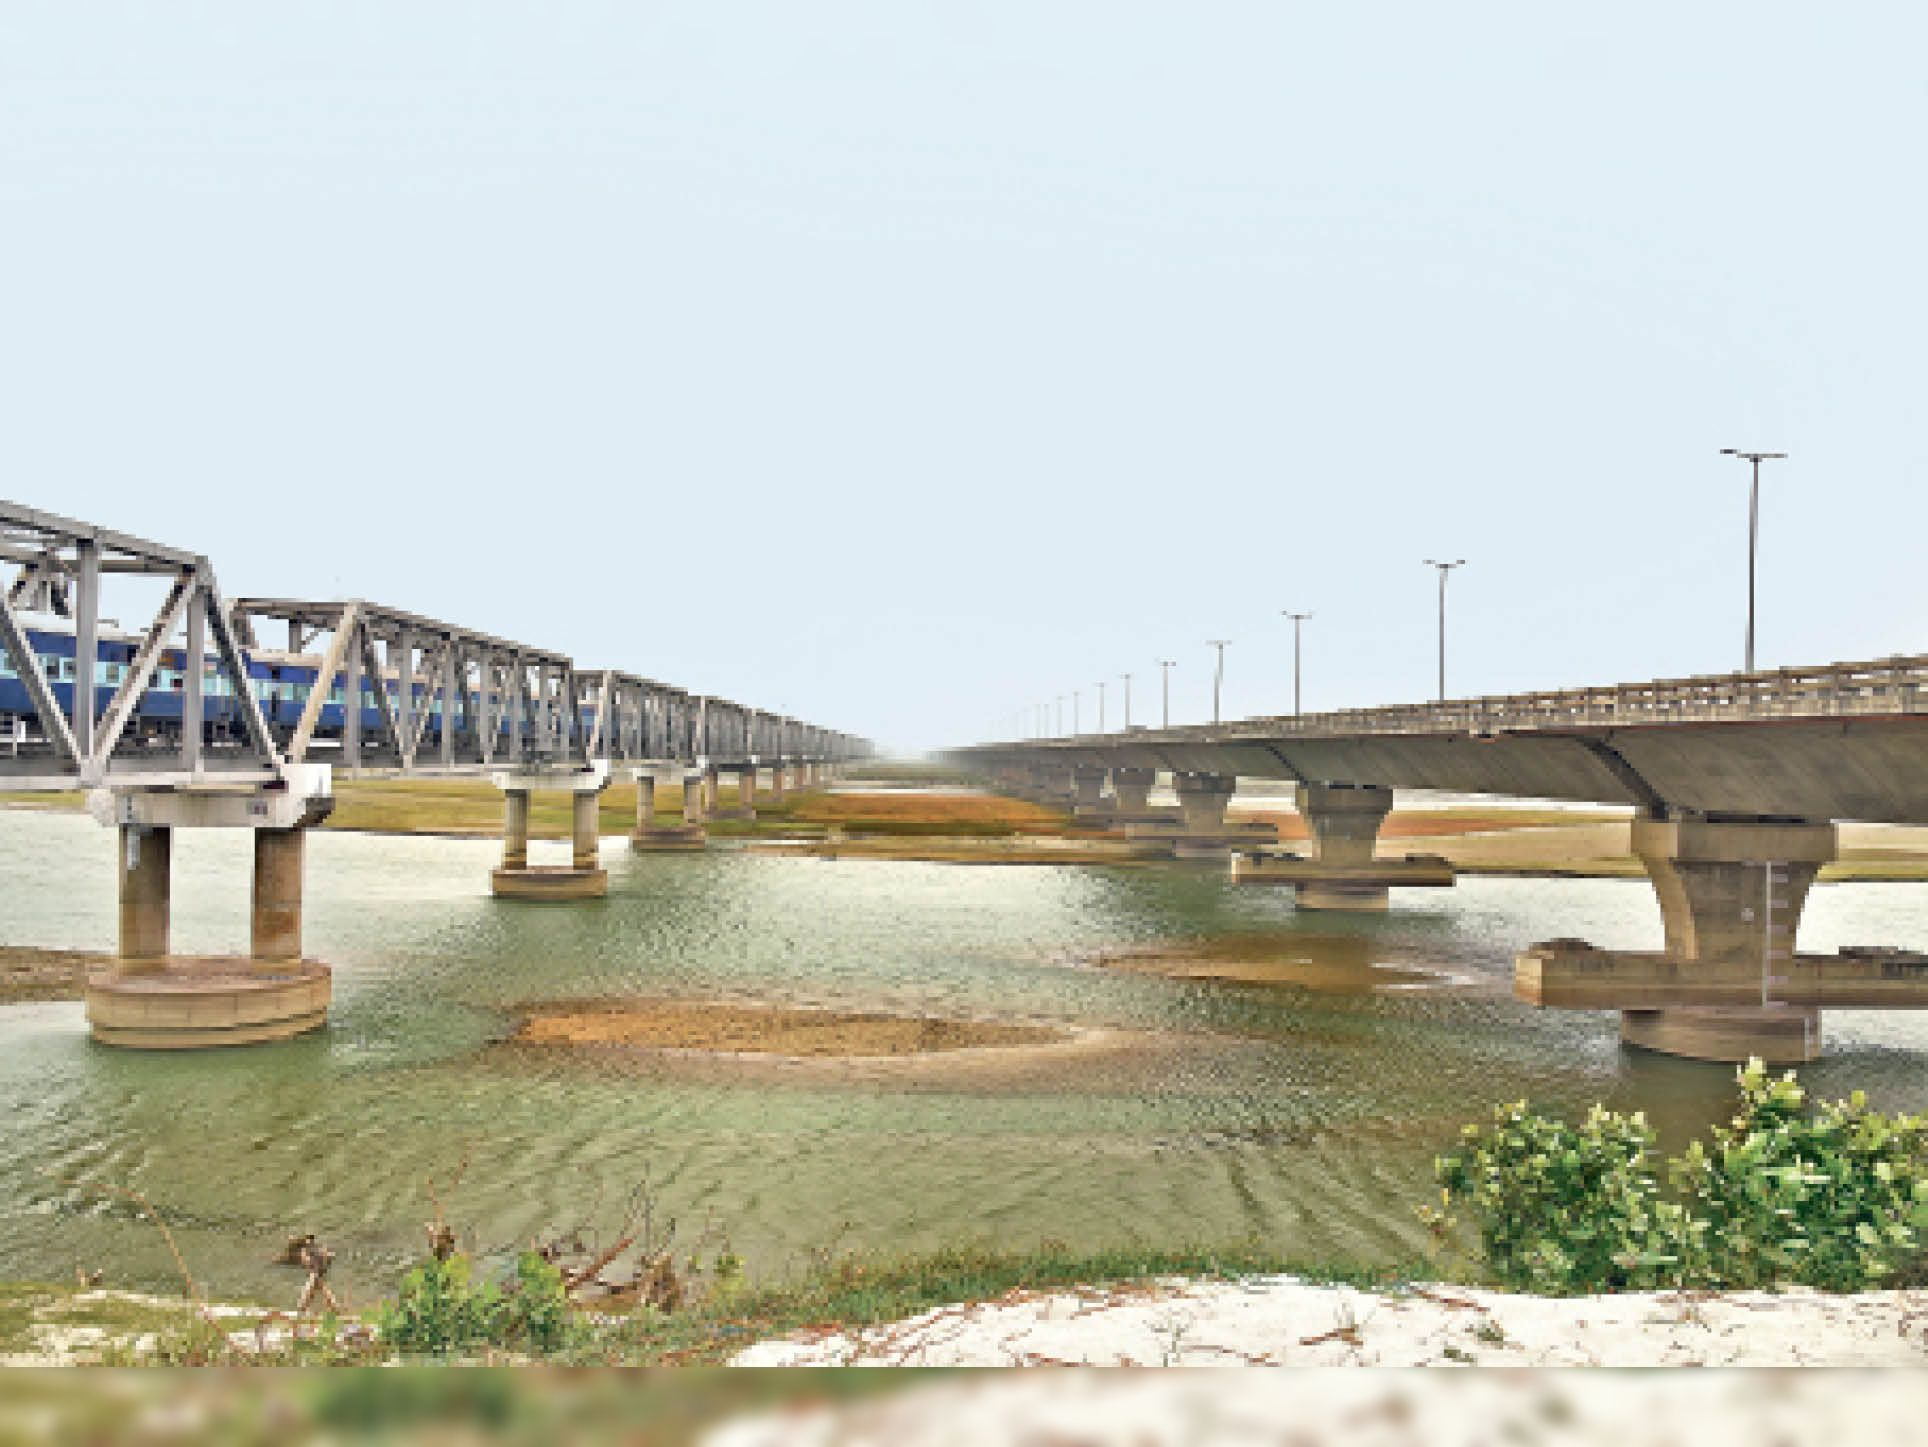 परियोजना पर 516.02 करोड़ रुपए हुए खर्च, सुविधा शुरू - Dainik Bhaskar